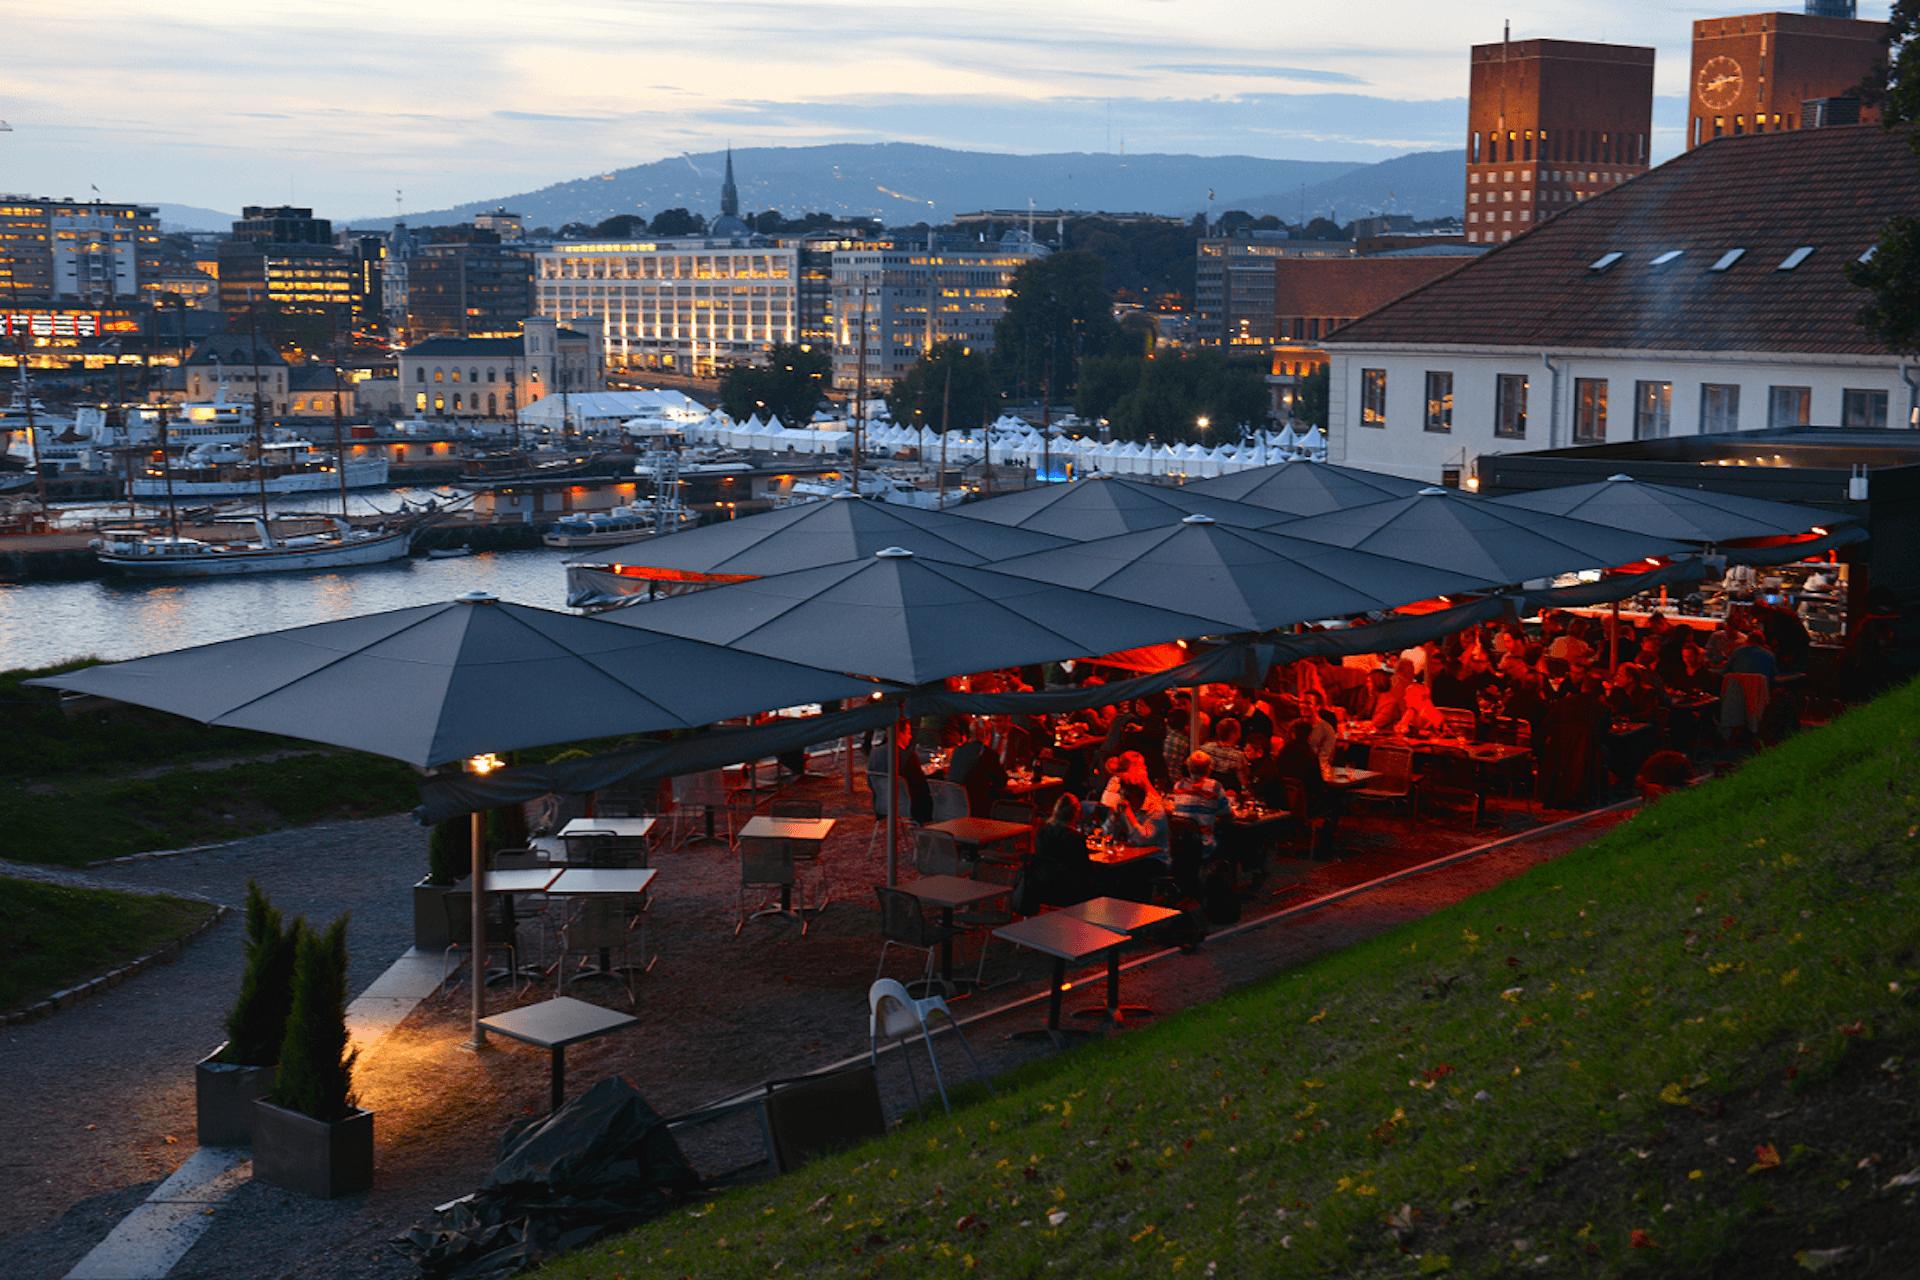 Festningen, Akershus festning Oslo